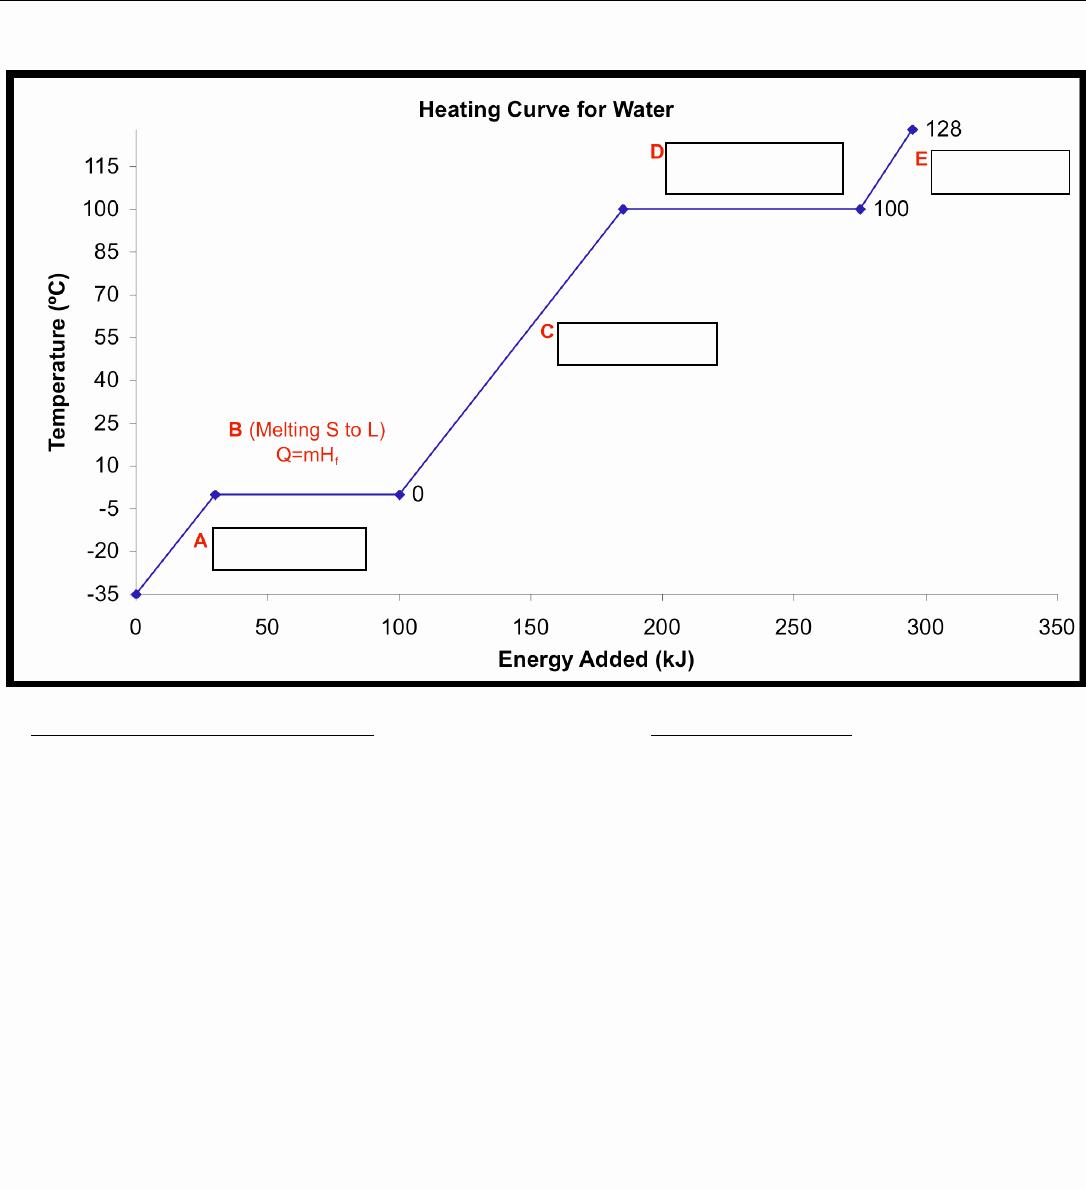 Calorimetry Worksheet Answer Key Awesome Chemistry Heating Curve Worksheet Answer Key Curve